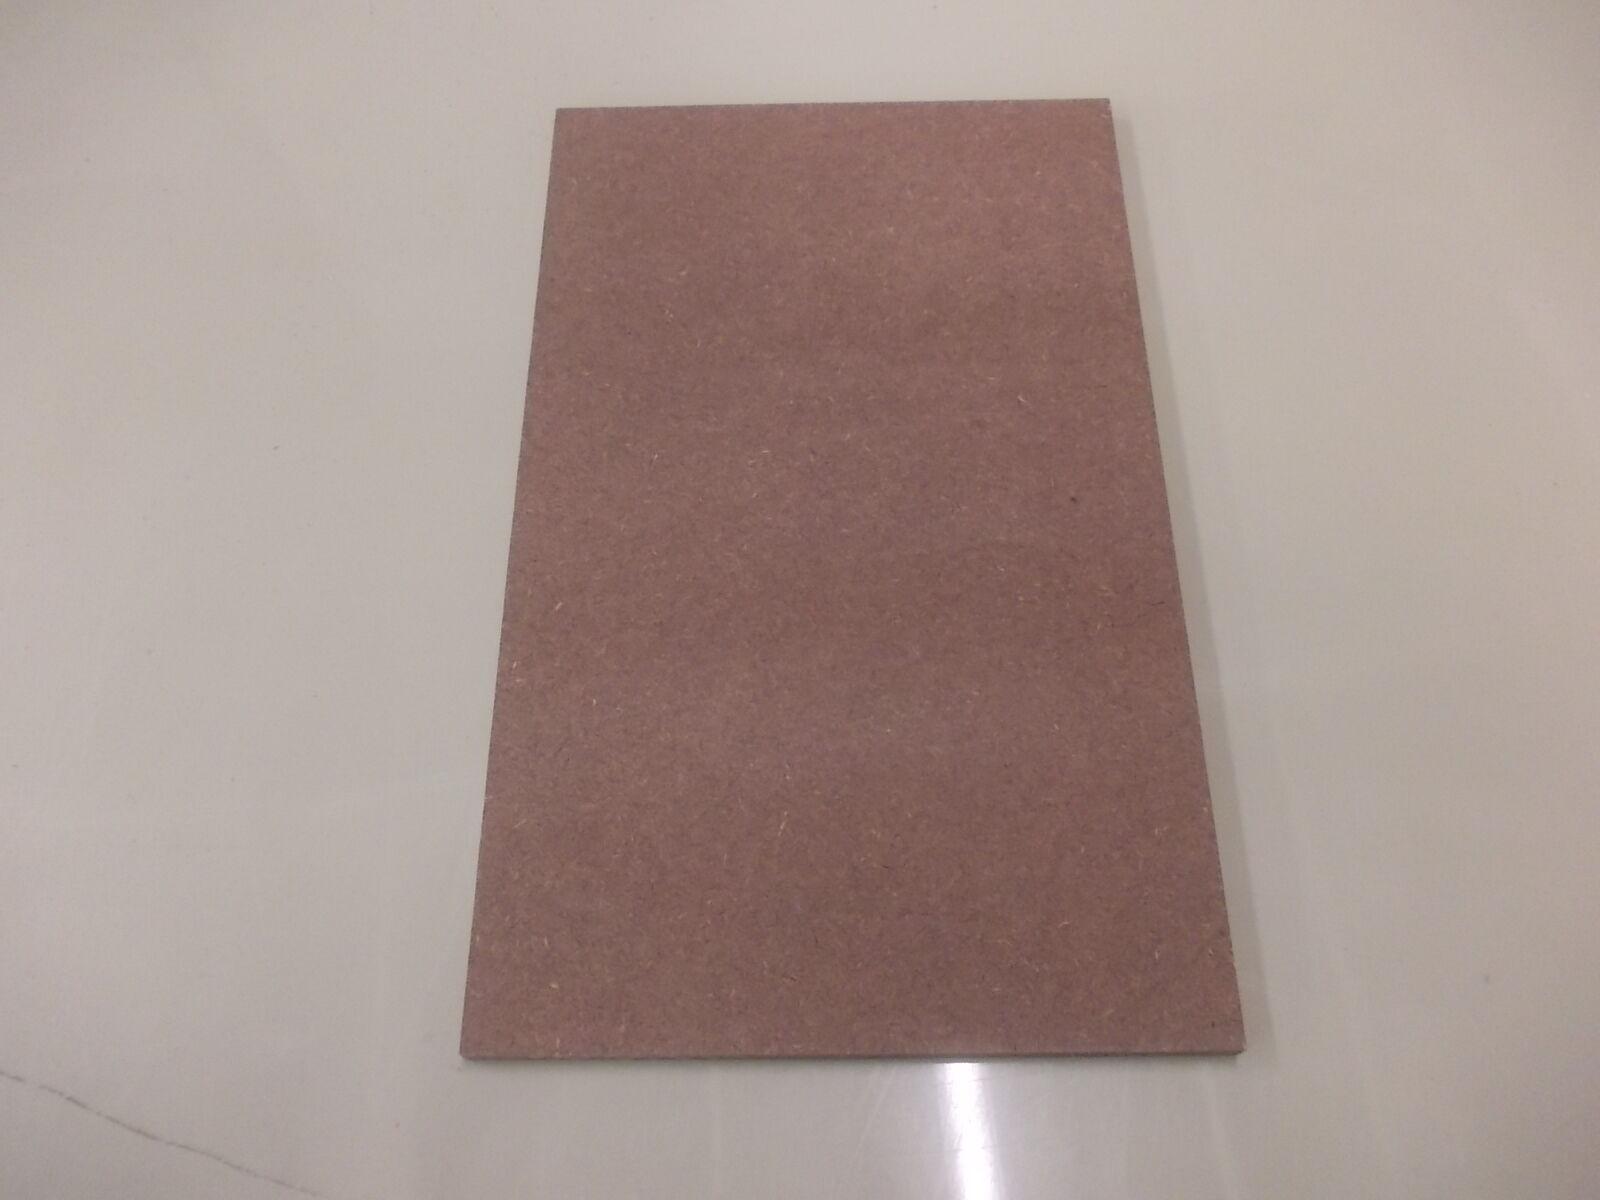 Valchromat couleur bois 420x297 x 8mm A3 chocolat bord bord bord feuille diy panneau en bois fcf732